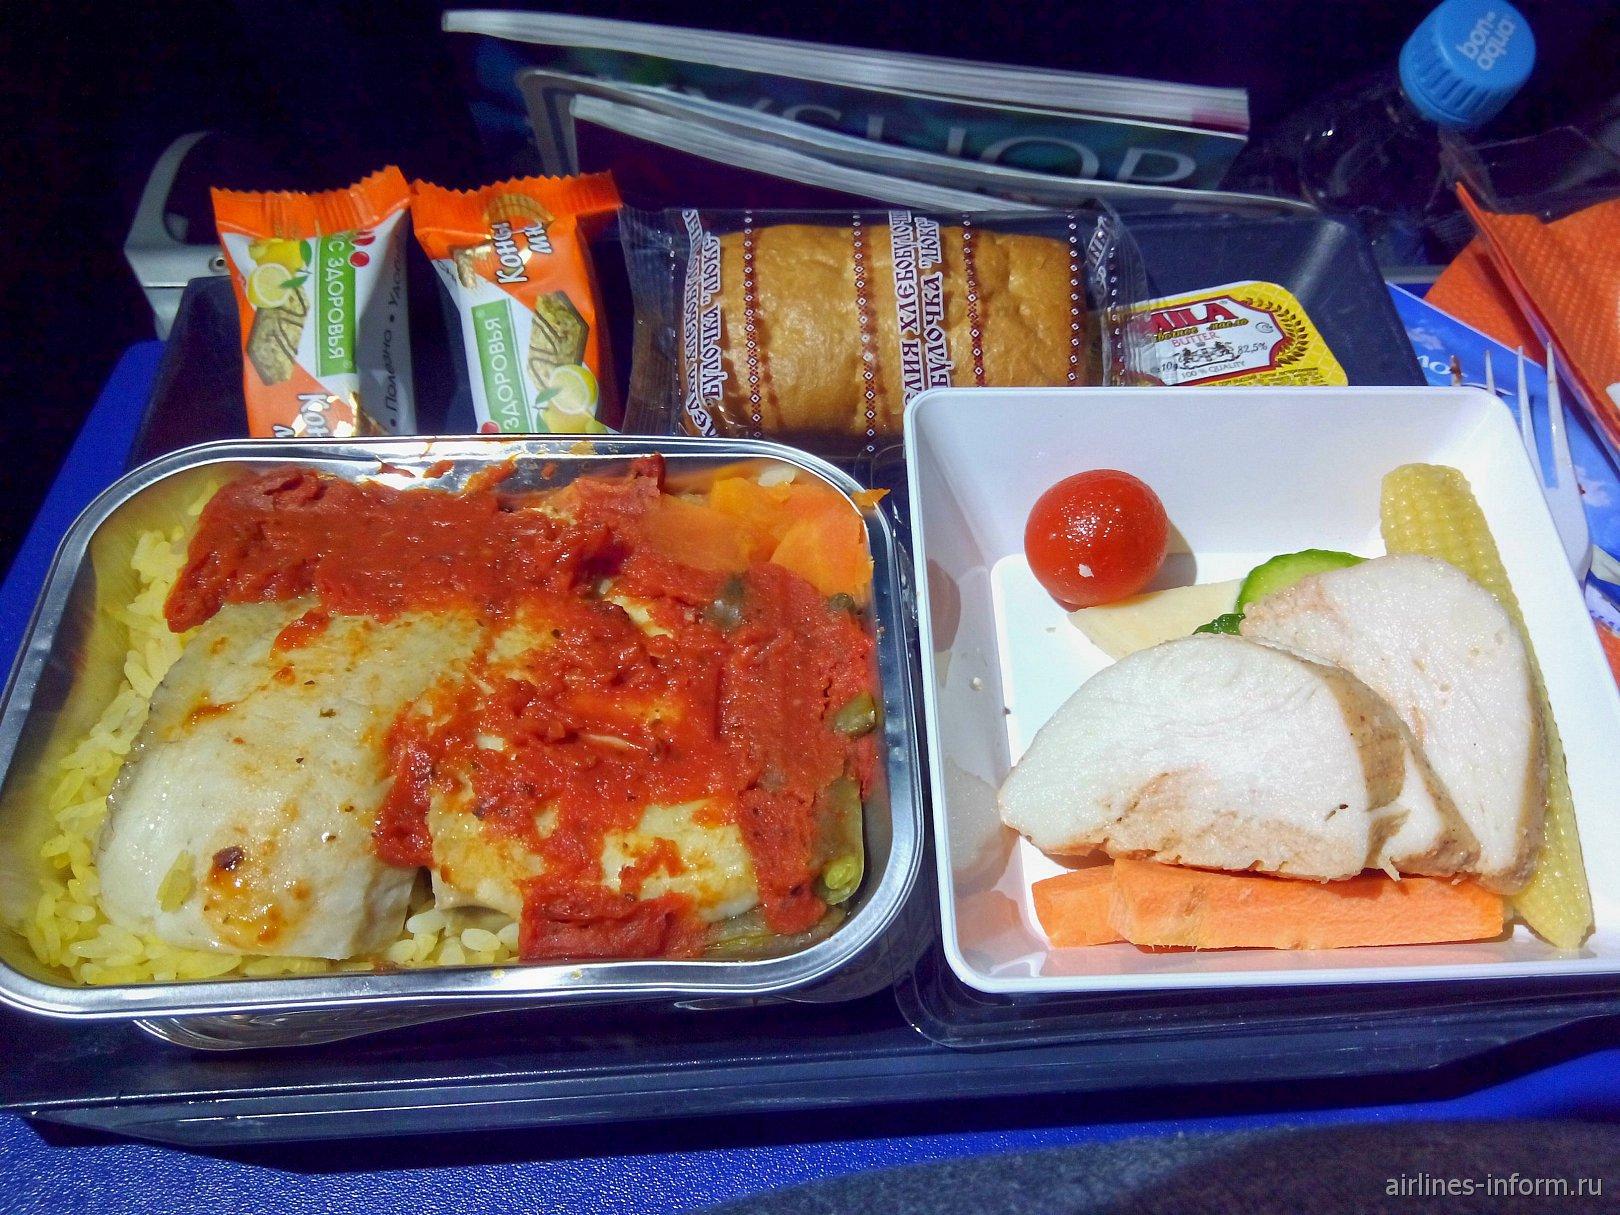 Мусульманское питание на рейсе Аэрофлота Москва-Омск